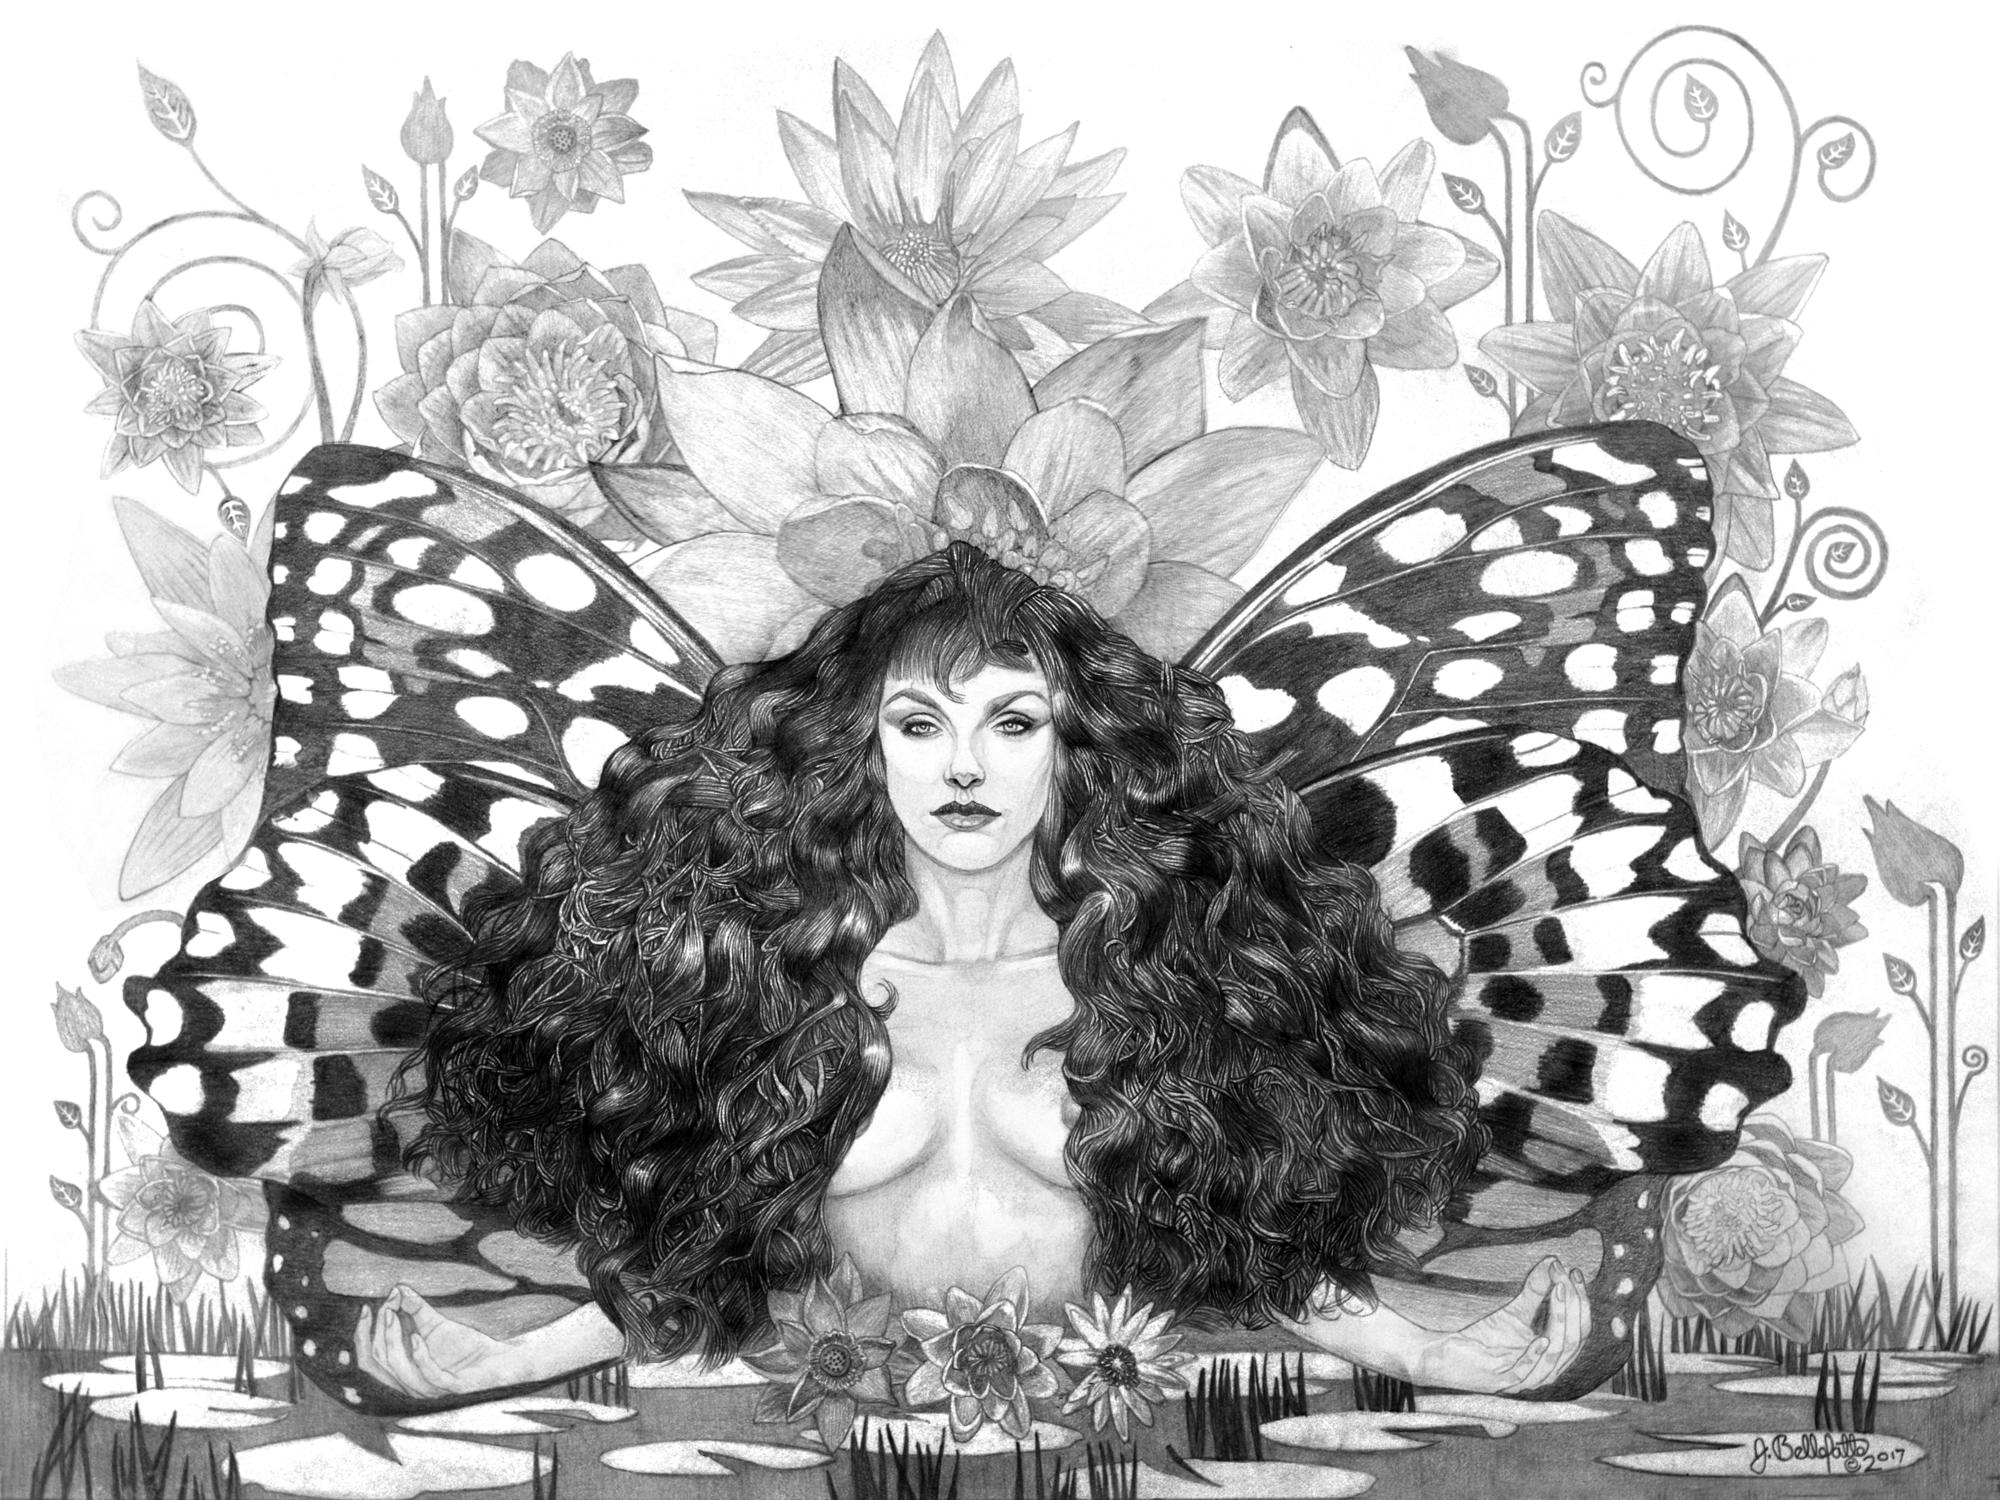 The Lotus Position Artwork by Joseph Bellofatto